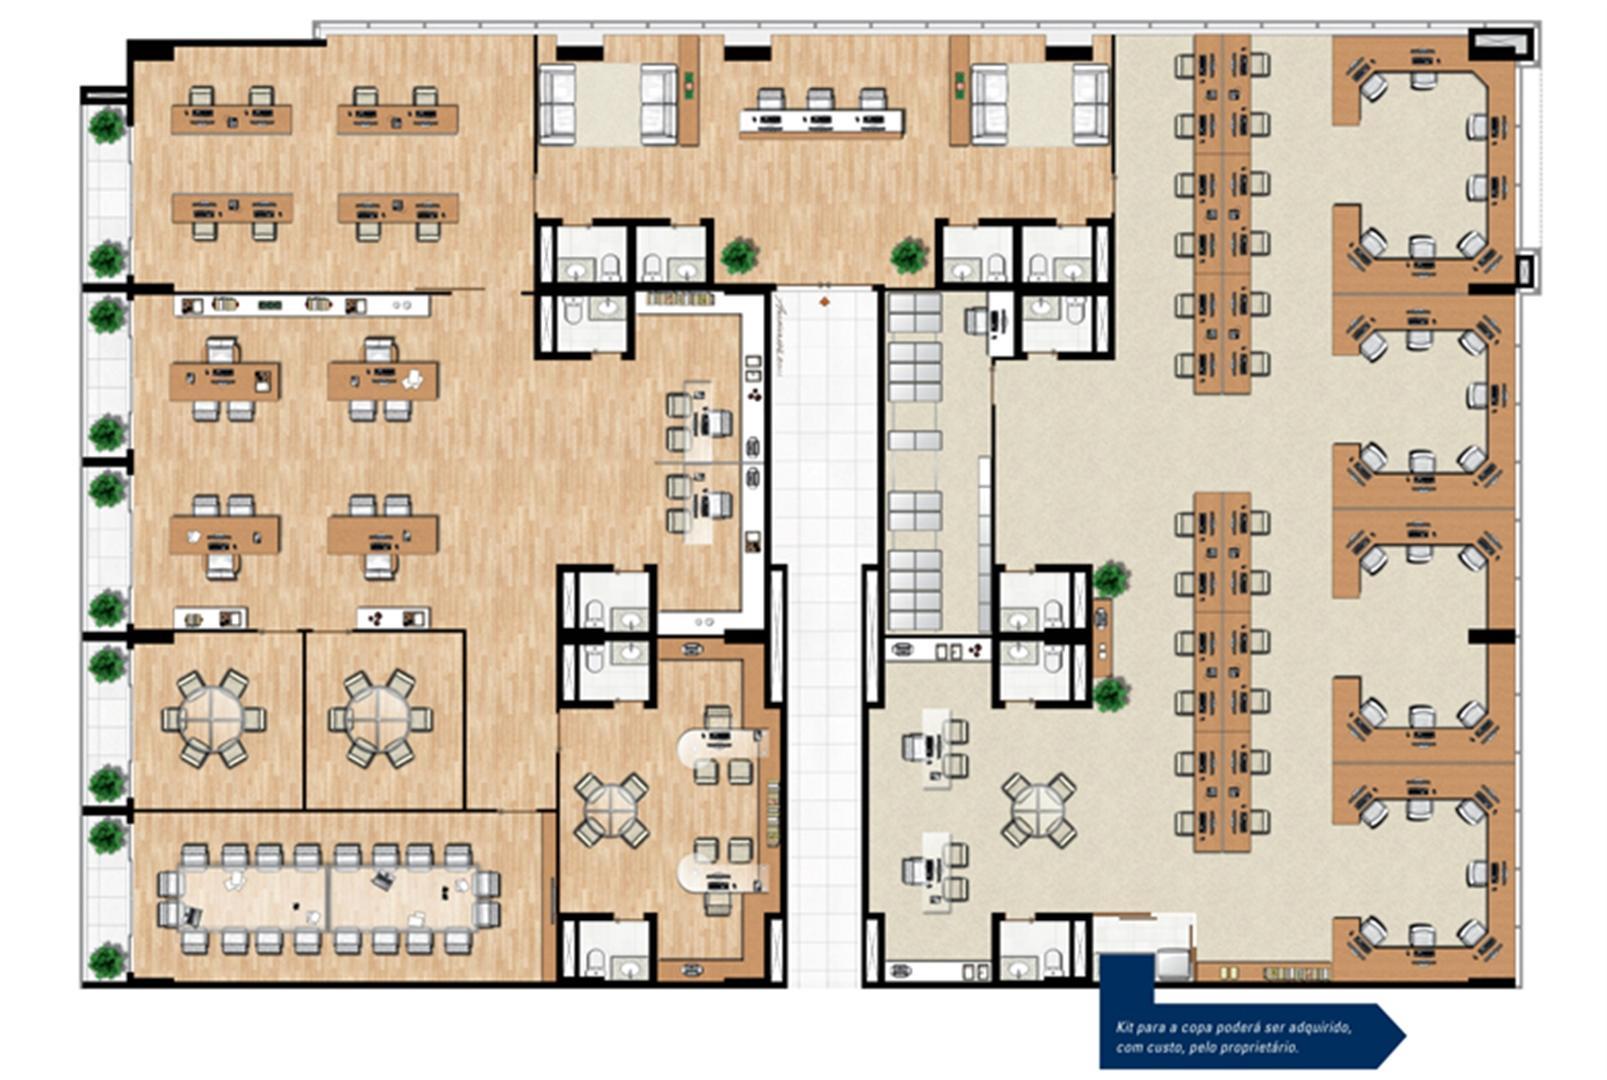 Planta de 104 m² privativos opção de junção | Vega – Salas Comerciais na  Asa Norte  - Brasília - Distrito Federal